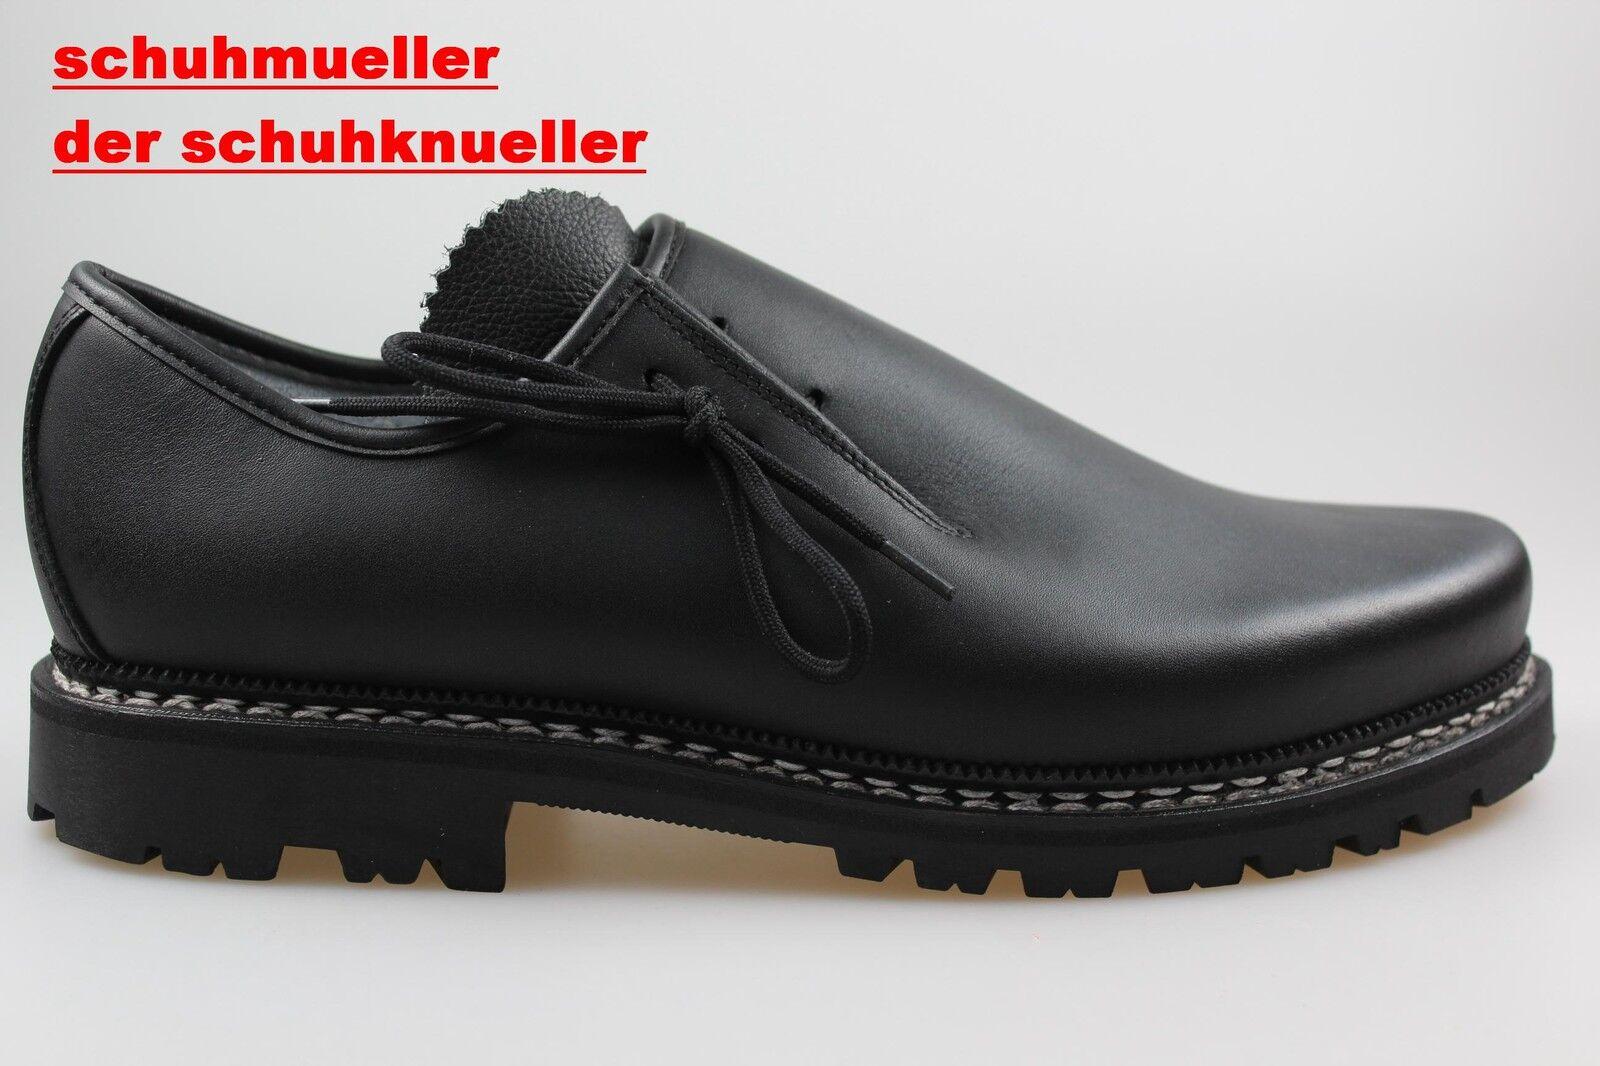 Haferlschuhe Meindl Meindl Haferlschuhe 86 M schwarz, 1080-01 2dc480